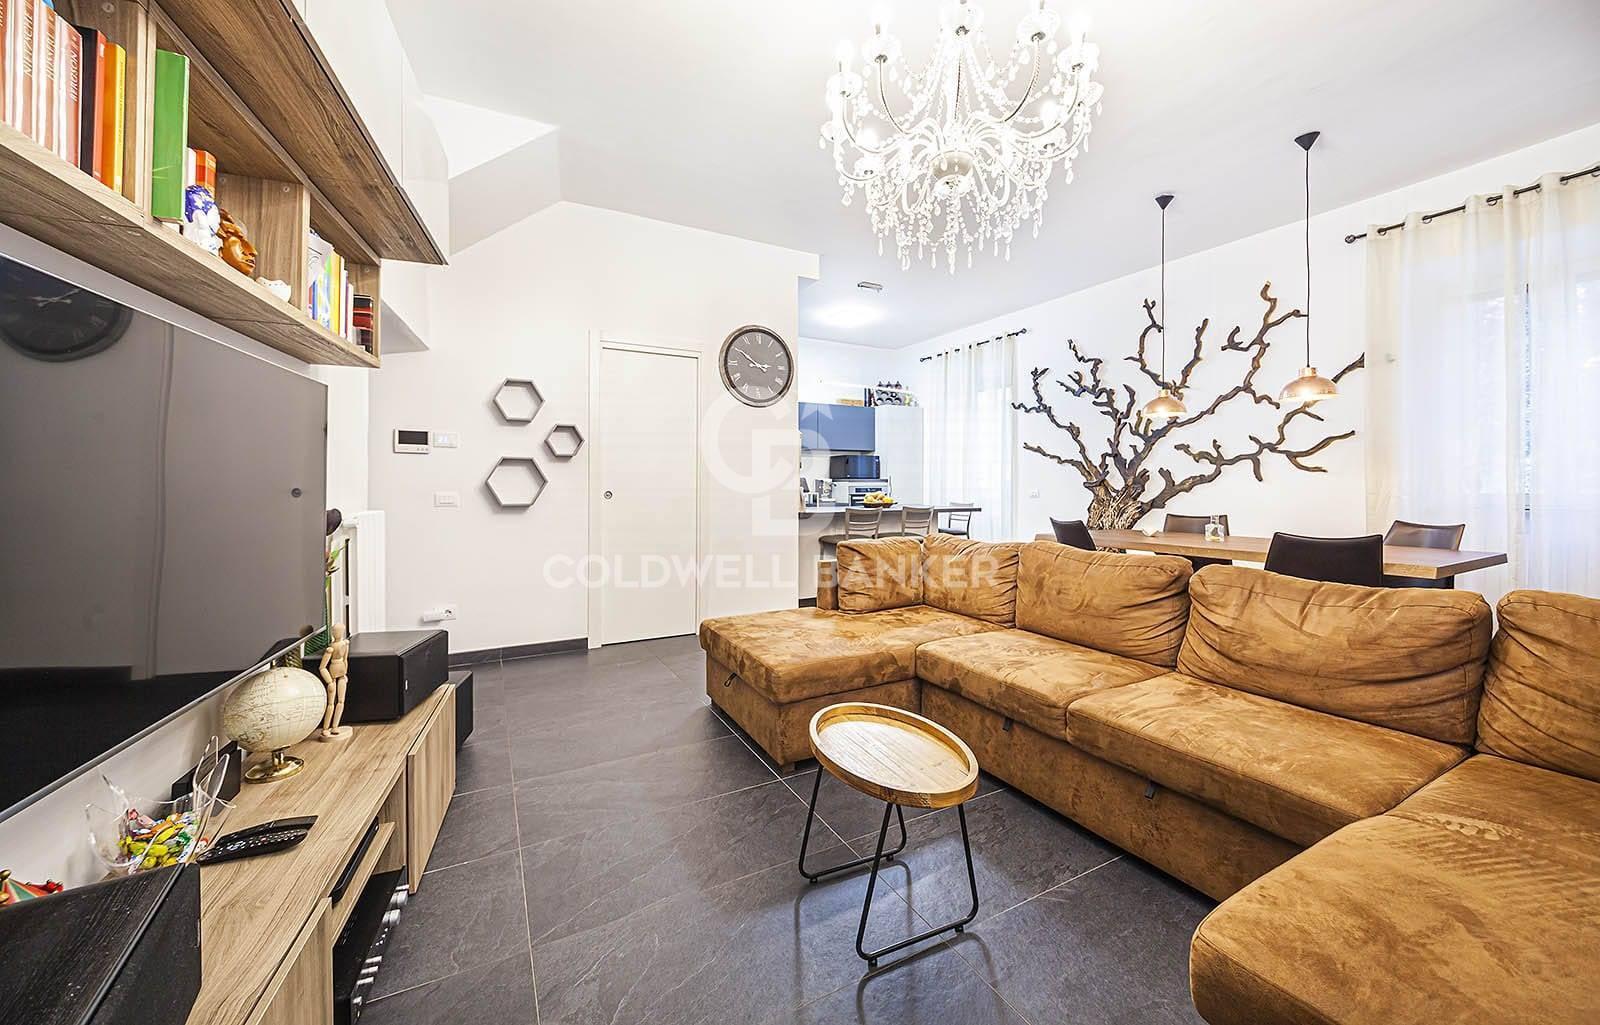 Appartamento in vendita a Viterbo, 3 locali, zona Zona: Centro, prezzo € 115.000 | CambioCasa.it